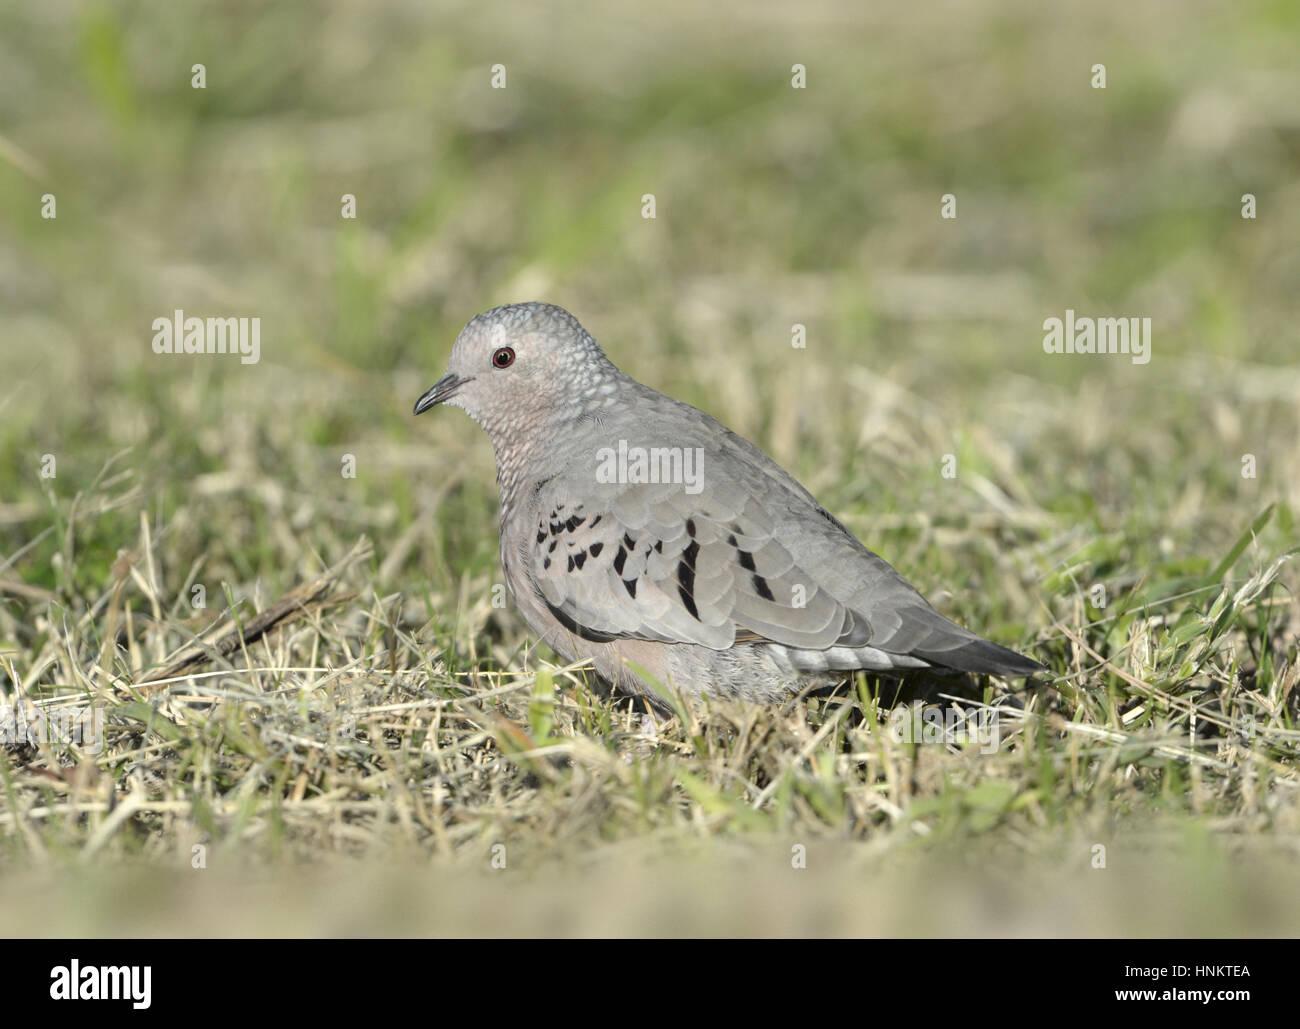 Common Ground-dove - Columbina passerina - Stock Image